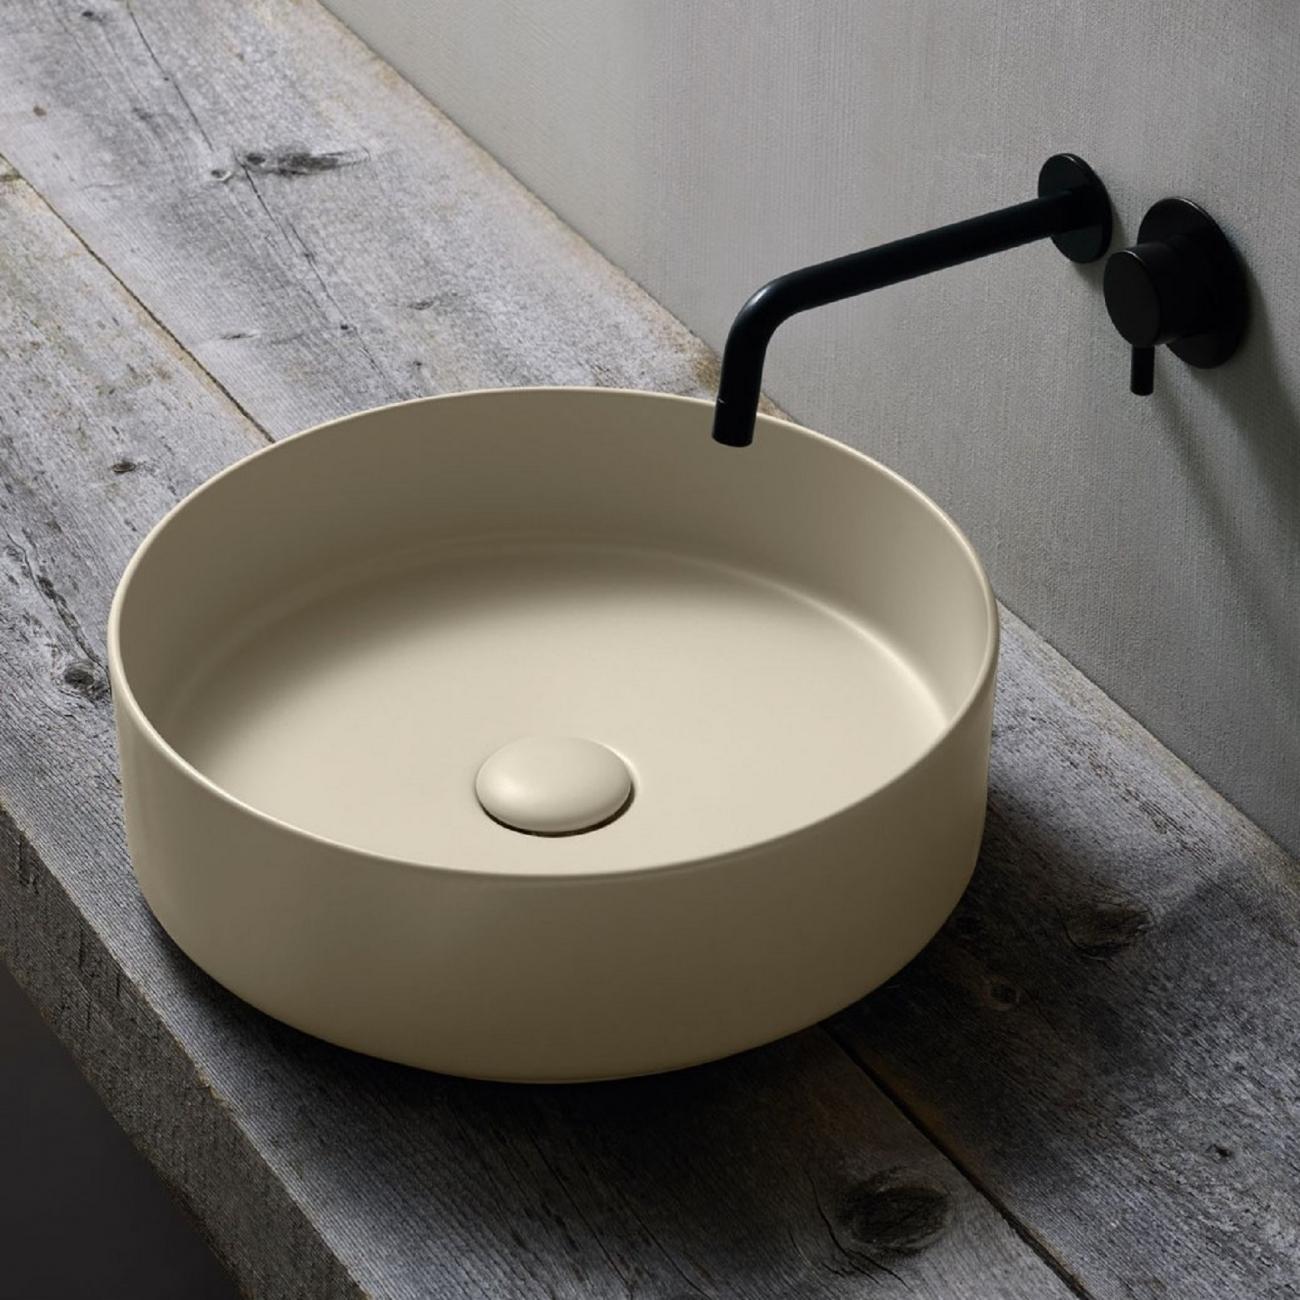 Ceramica Cielo Lavabo Shui.Cielo Shui Comfort Lavabo Appoggio Tondo Tattahome